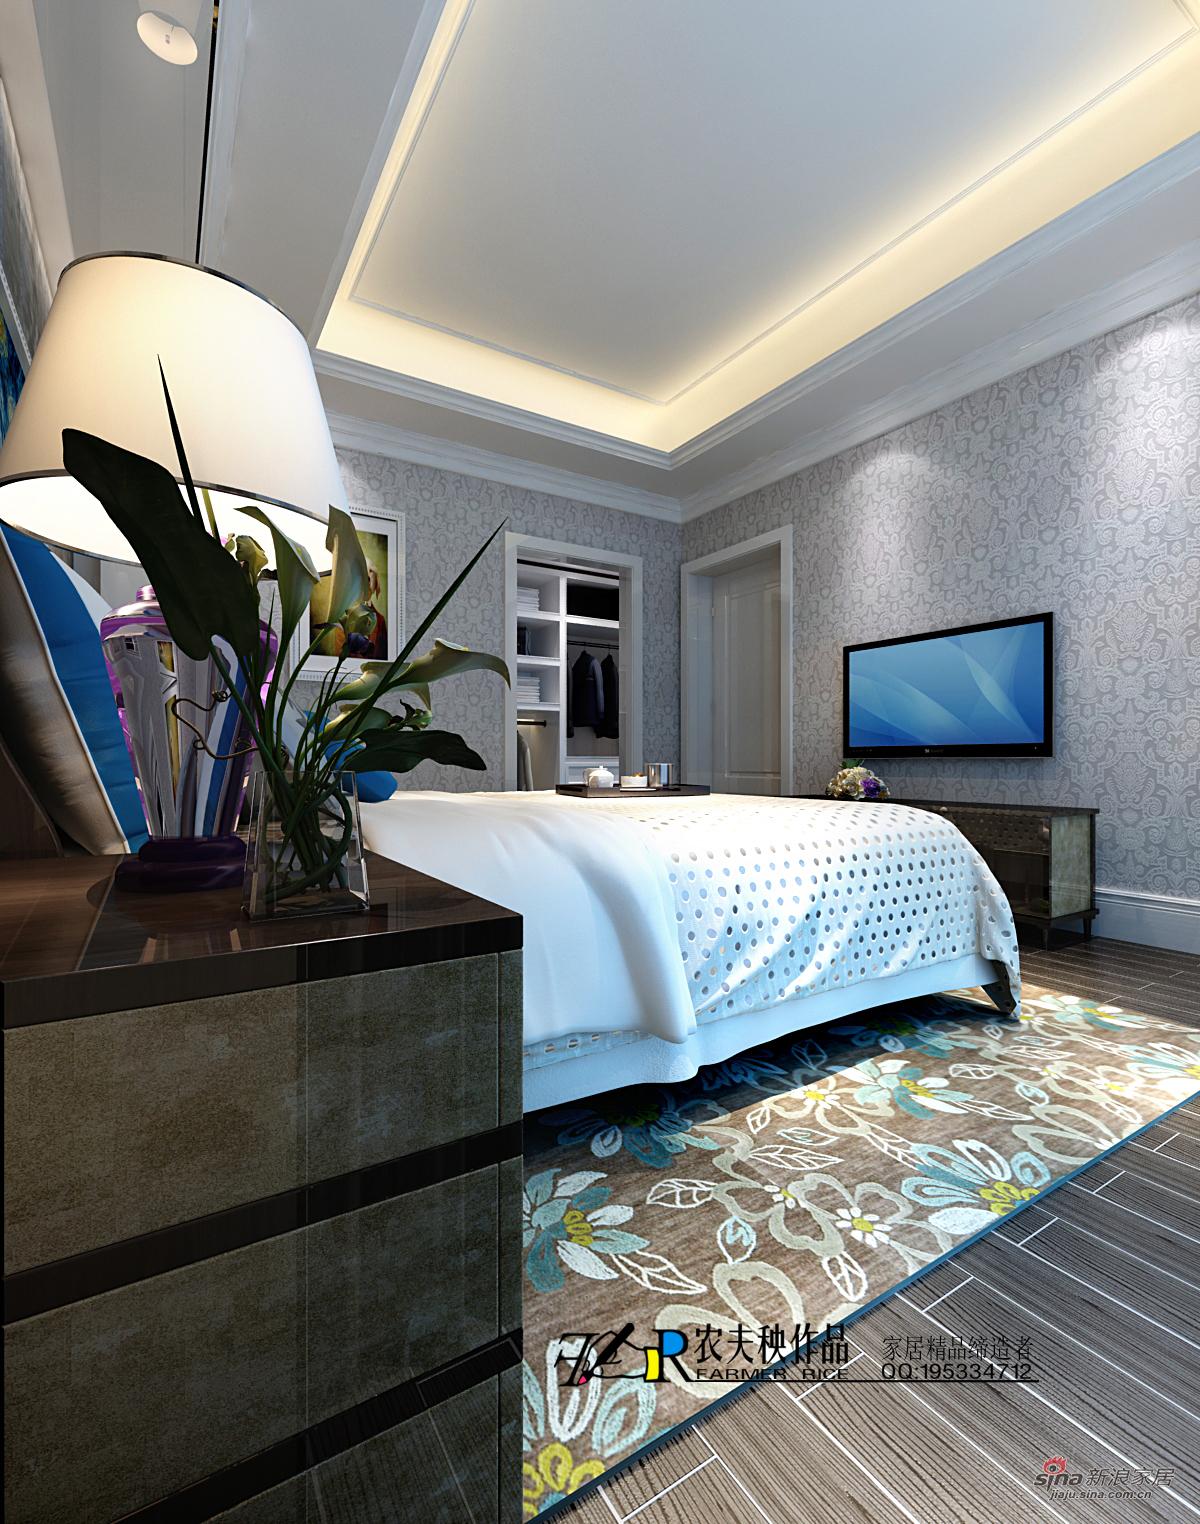 欧式 三居 卧室图片来自用户2772873991在155平米简约欧式390的分享